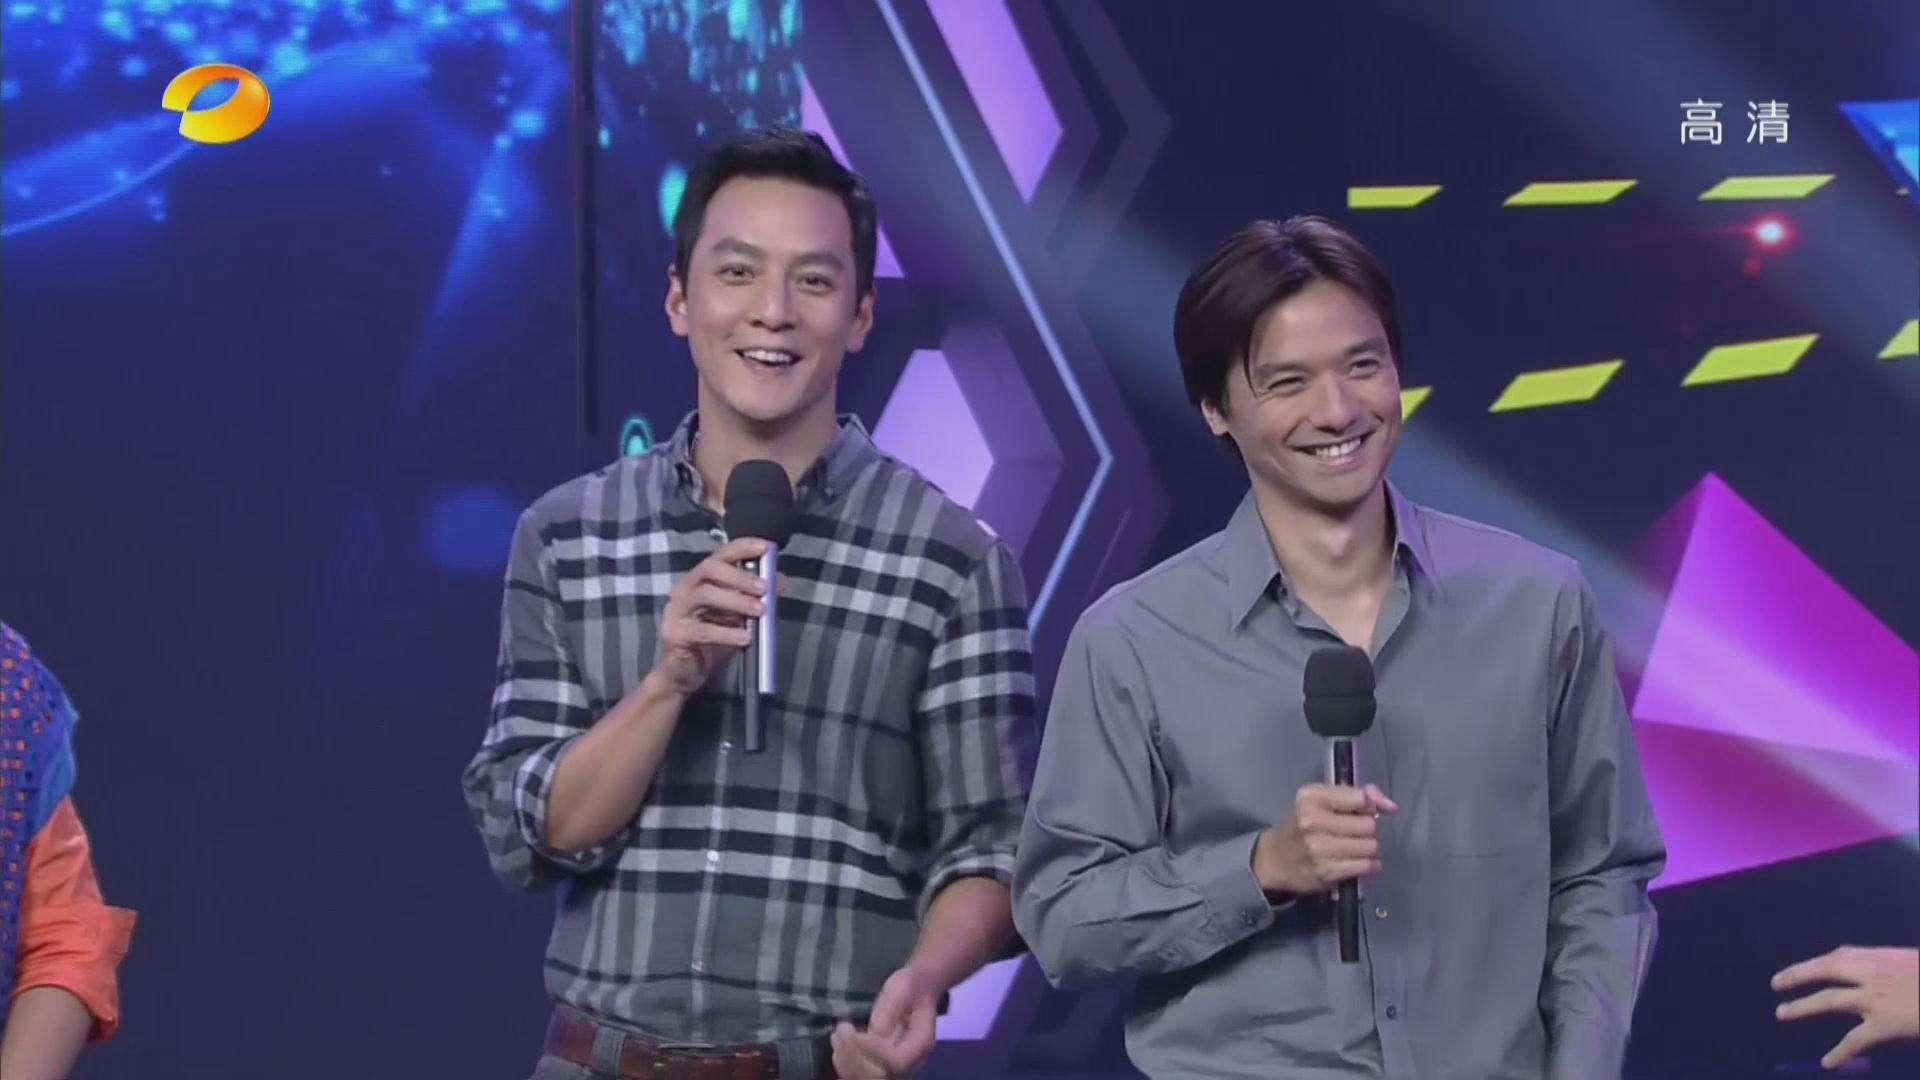 2018年4月23日綜藝節目收視率排行榜,快樂大本營收視率第一